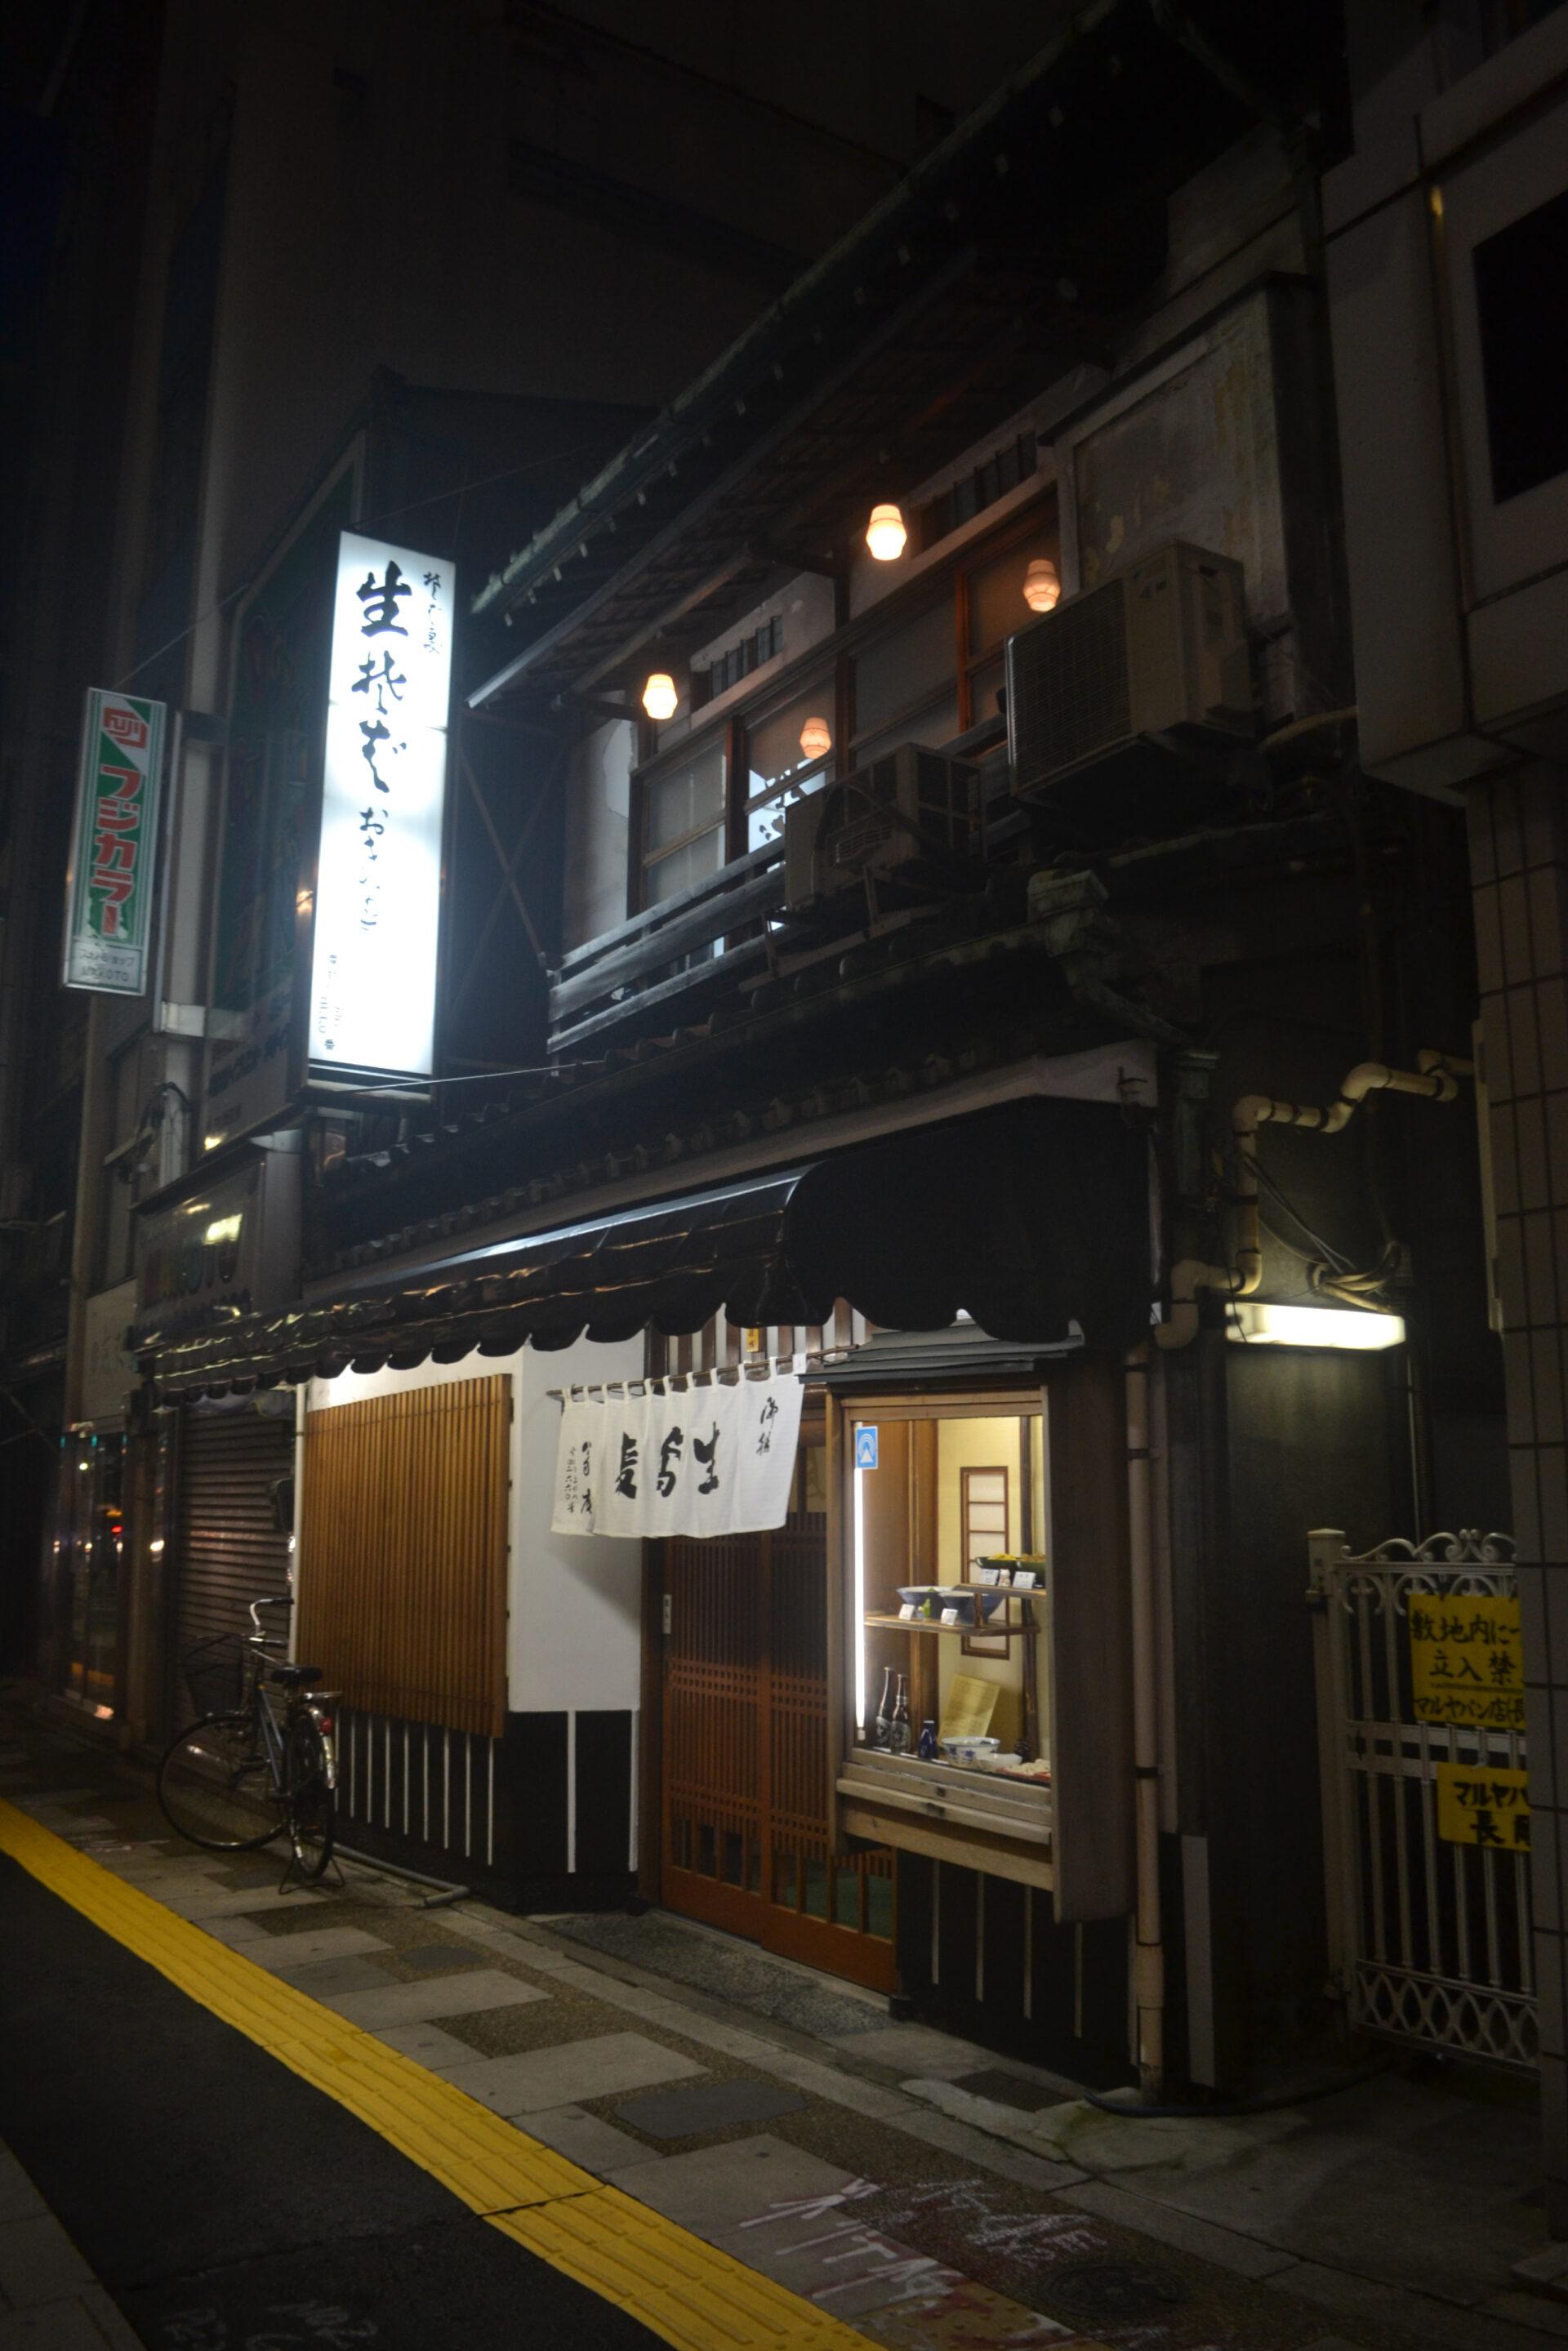 Токио. Асакуса: «…храмы ночью прекрасны.»